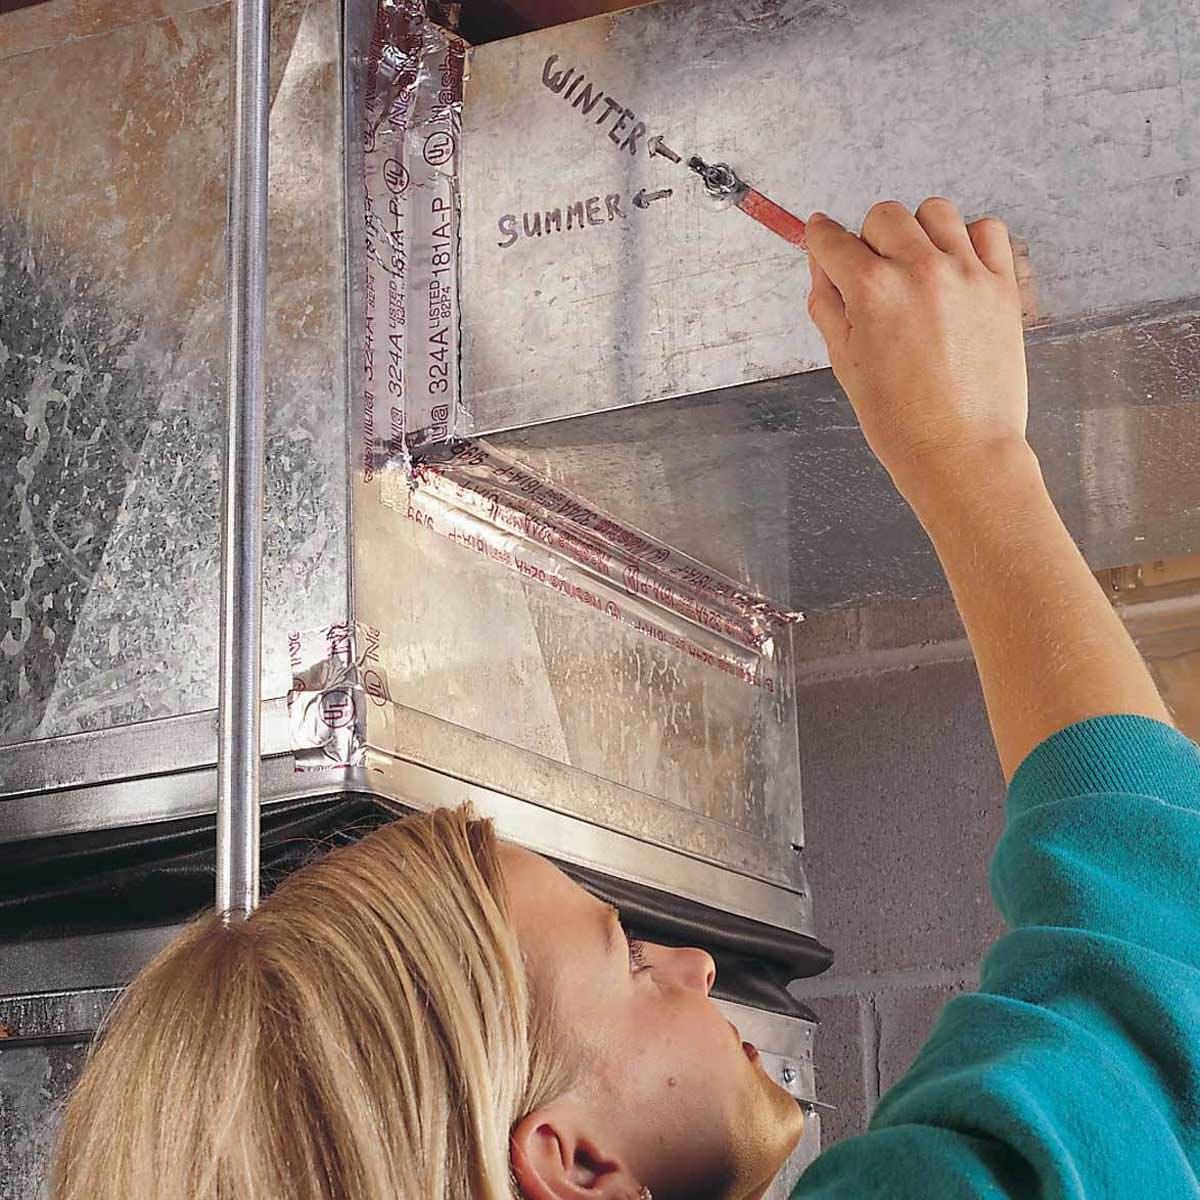 fh00nov_02032_010 furnace damper